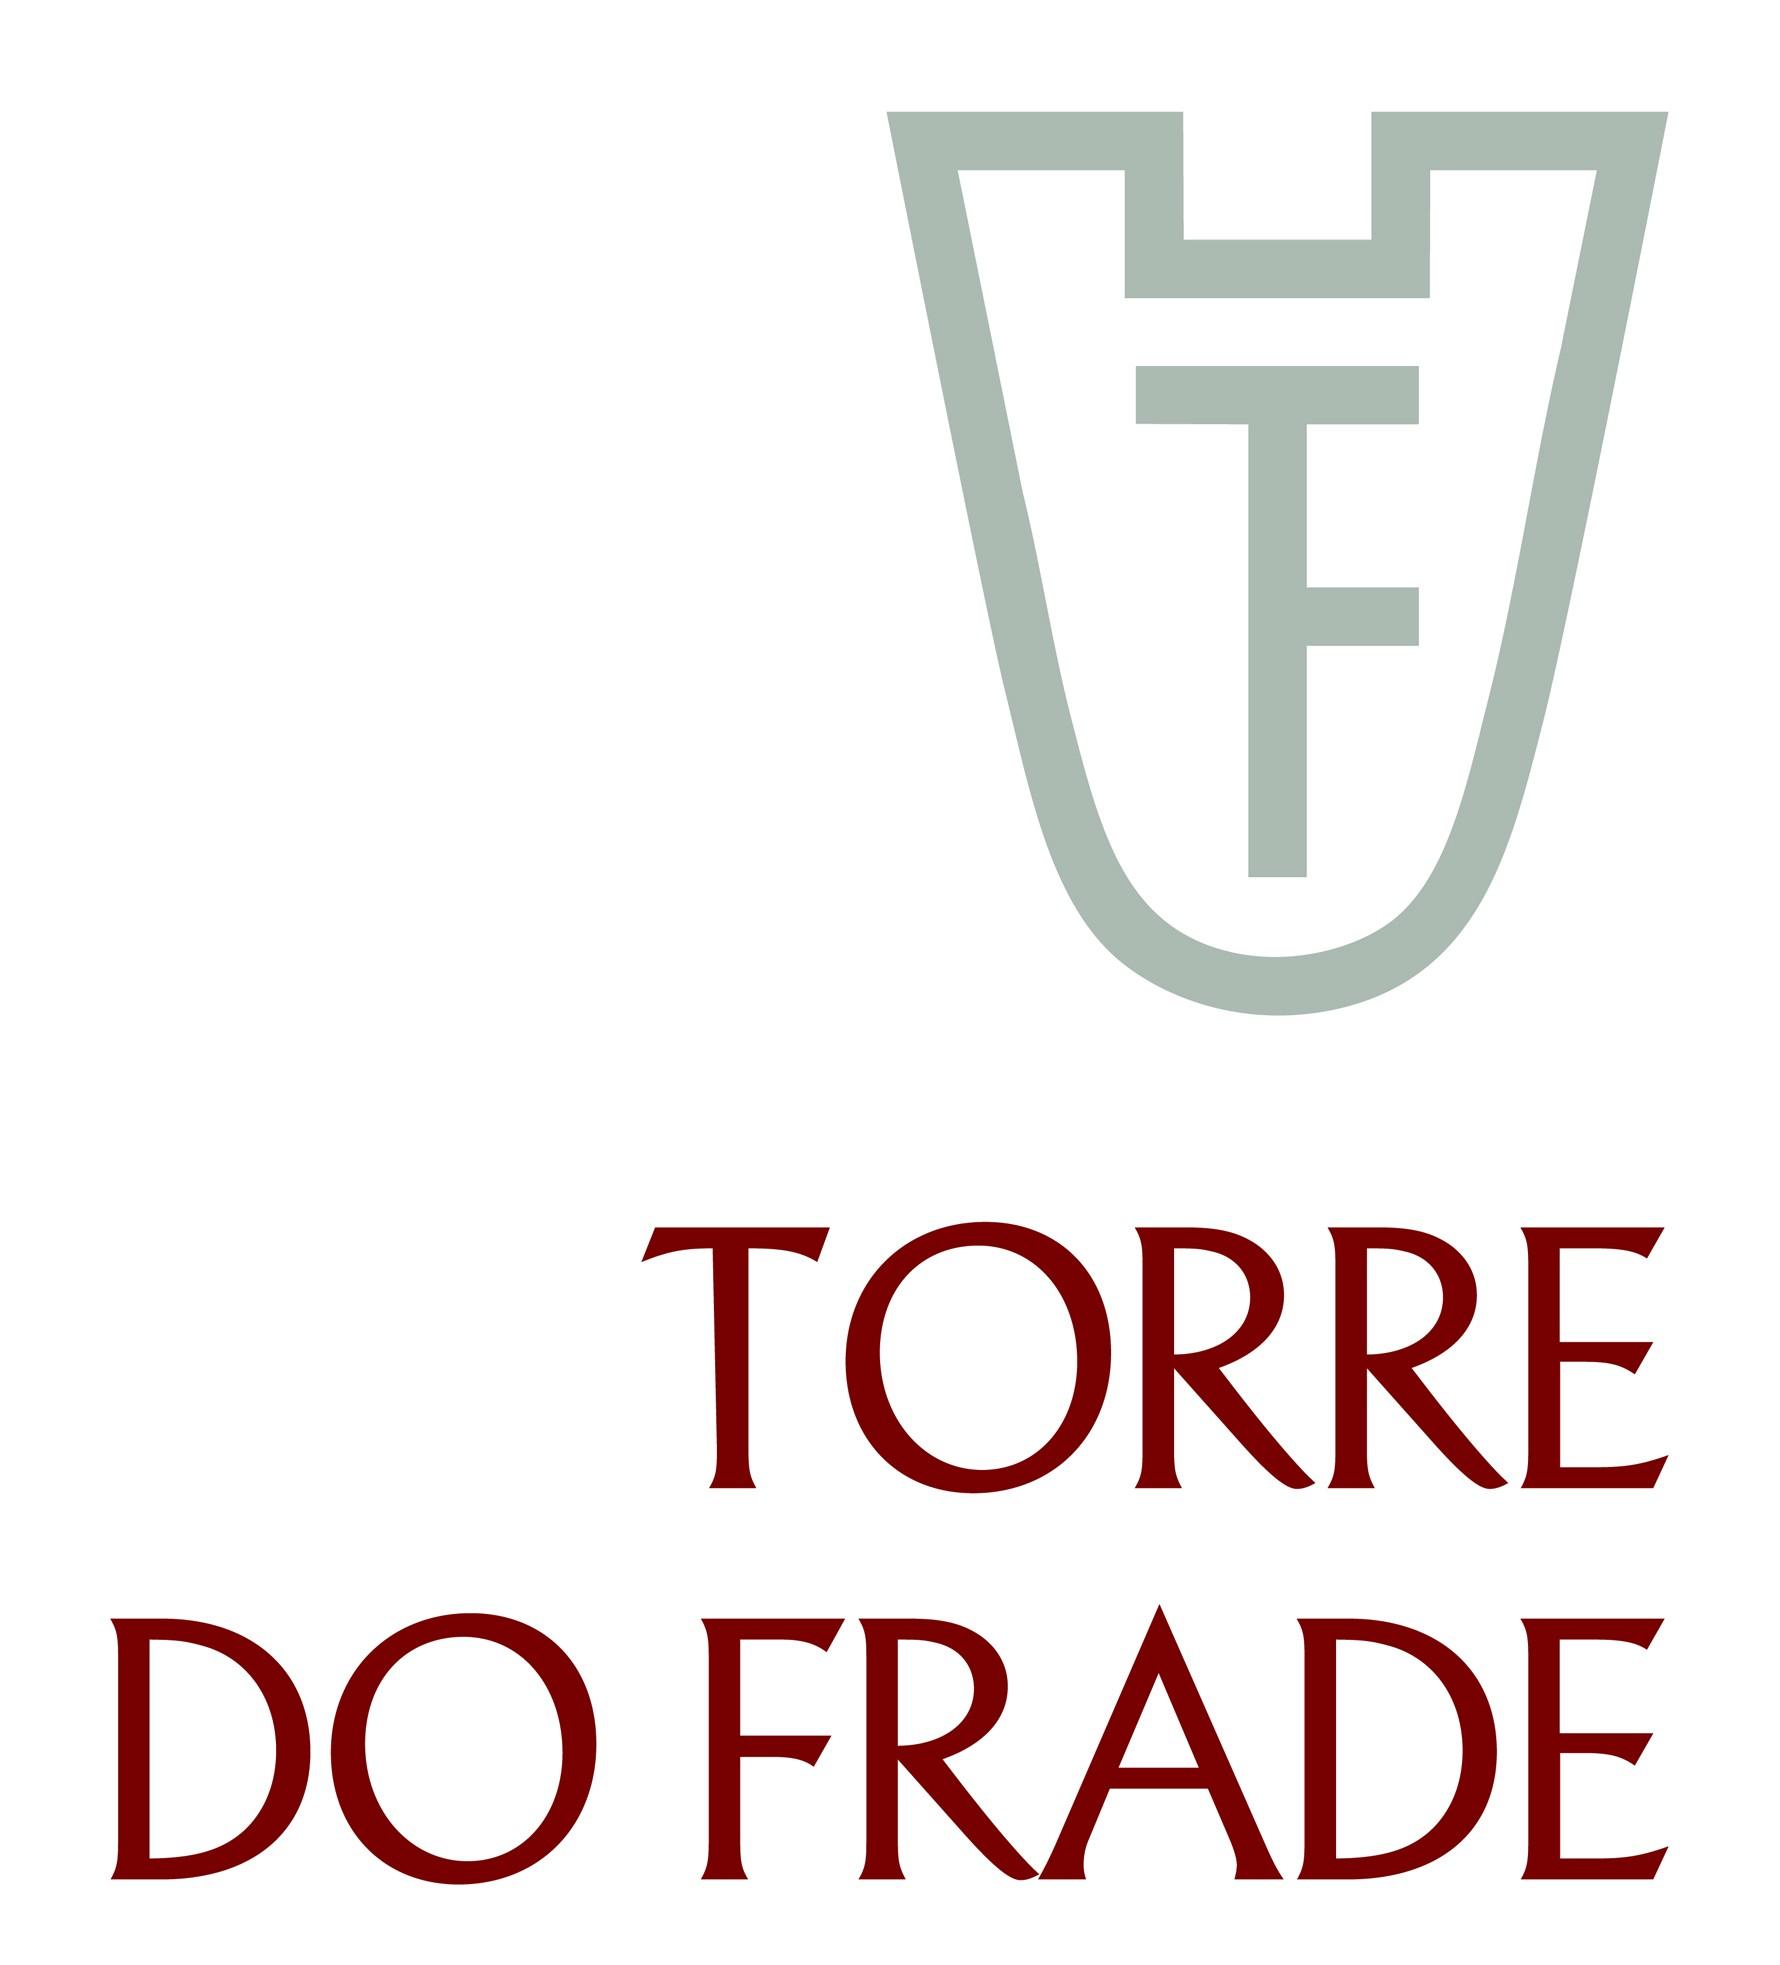 Torre do Frade